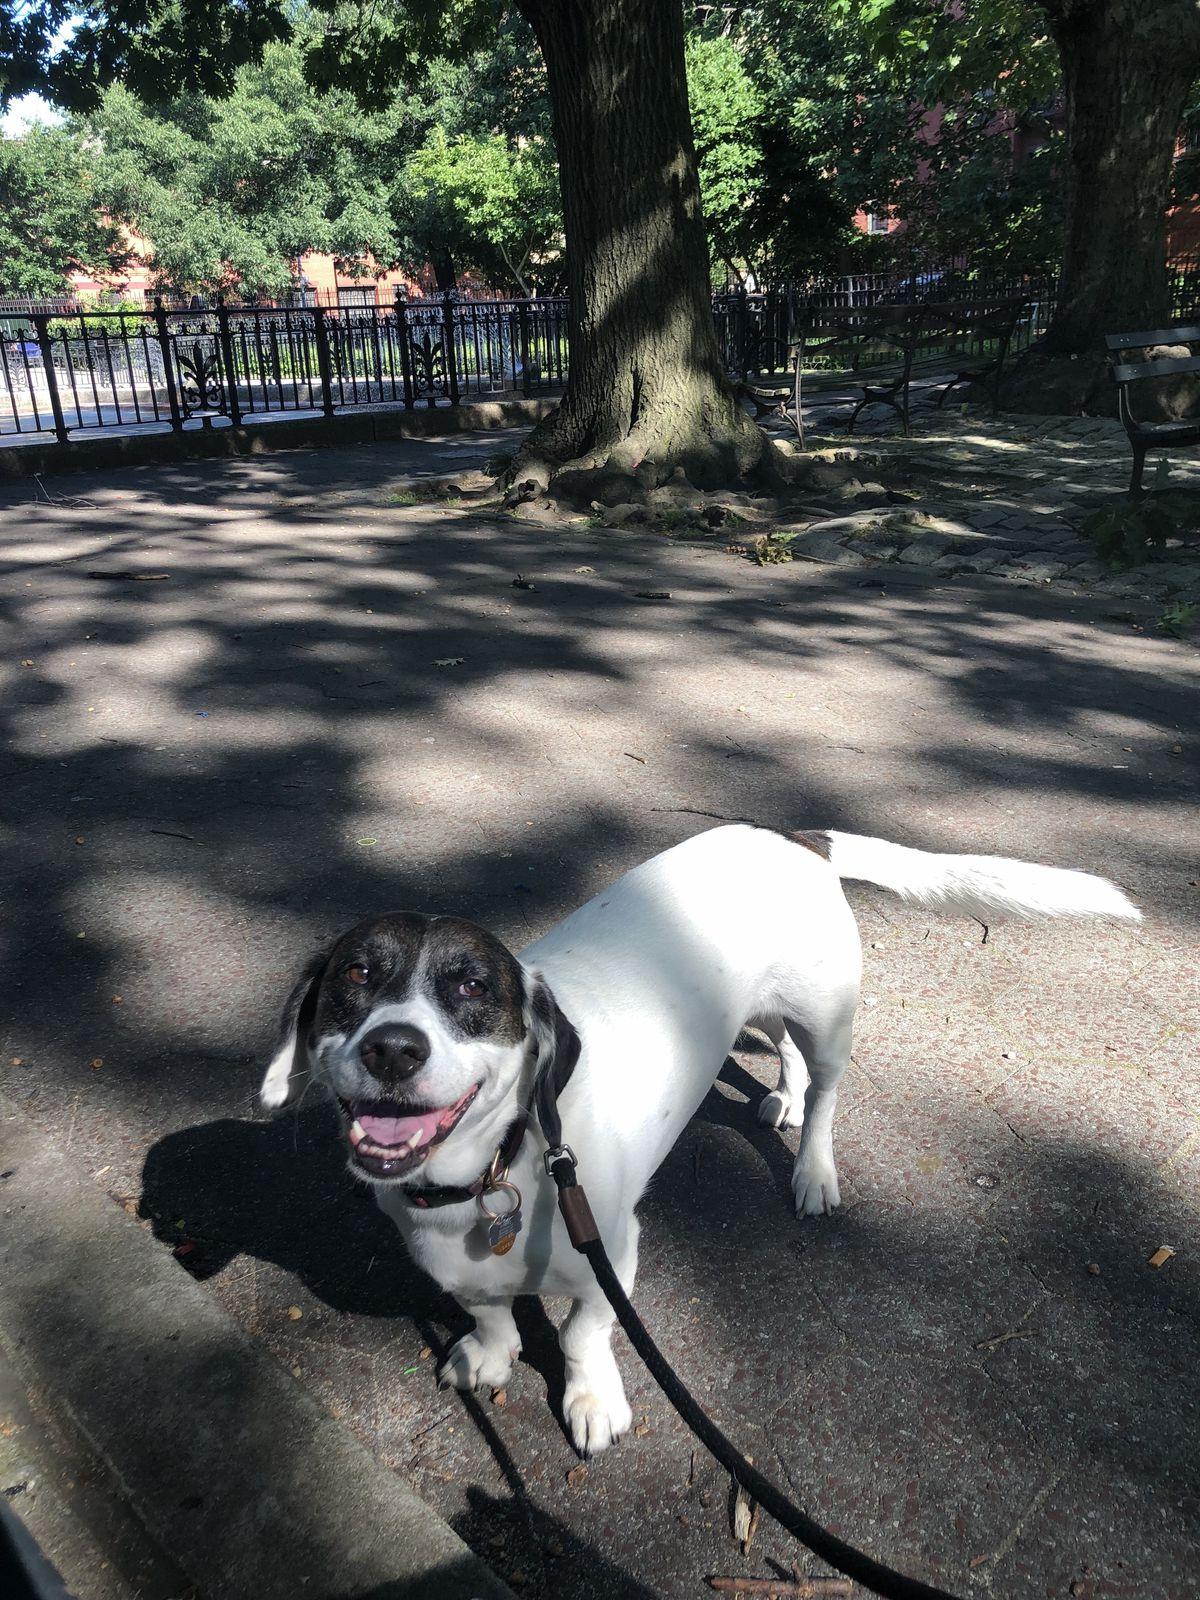 Seth's dog Trudy